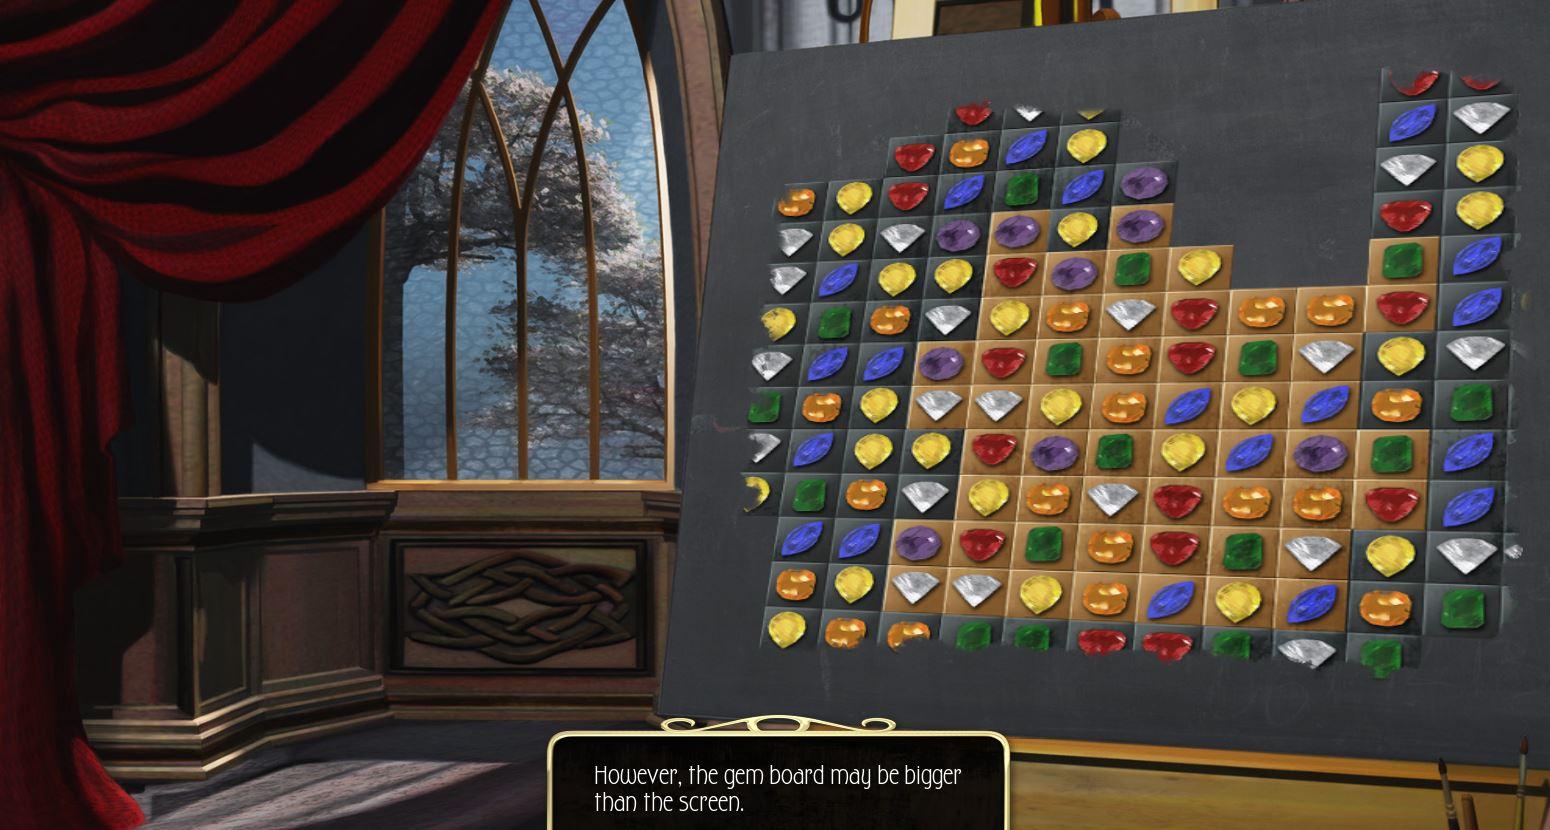 宝石神话2:重装上阵PC破解版截图2